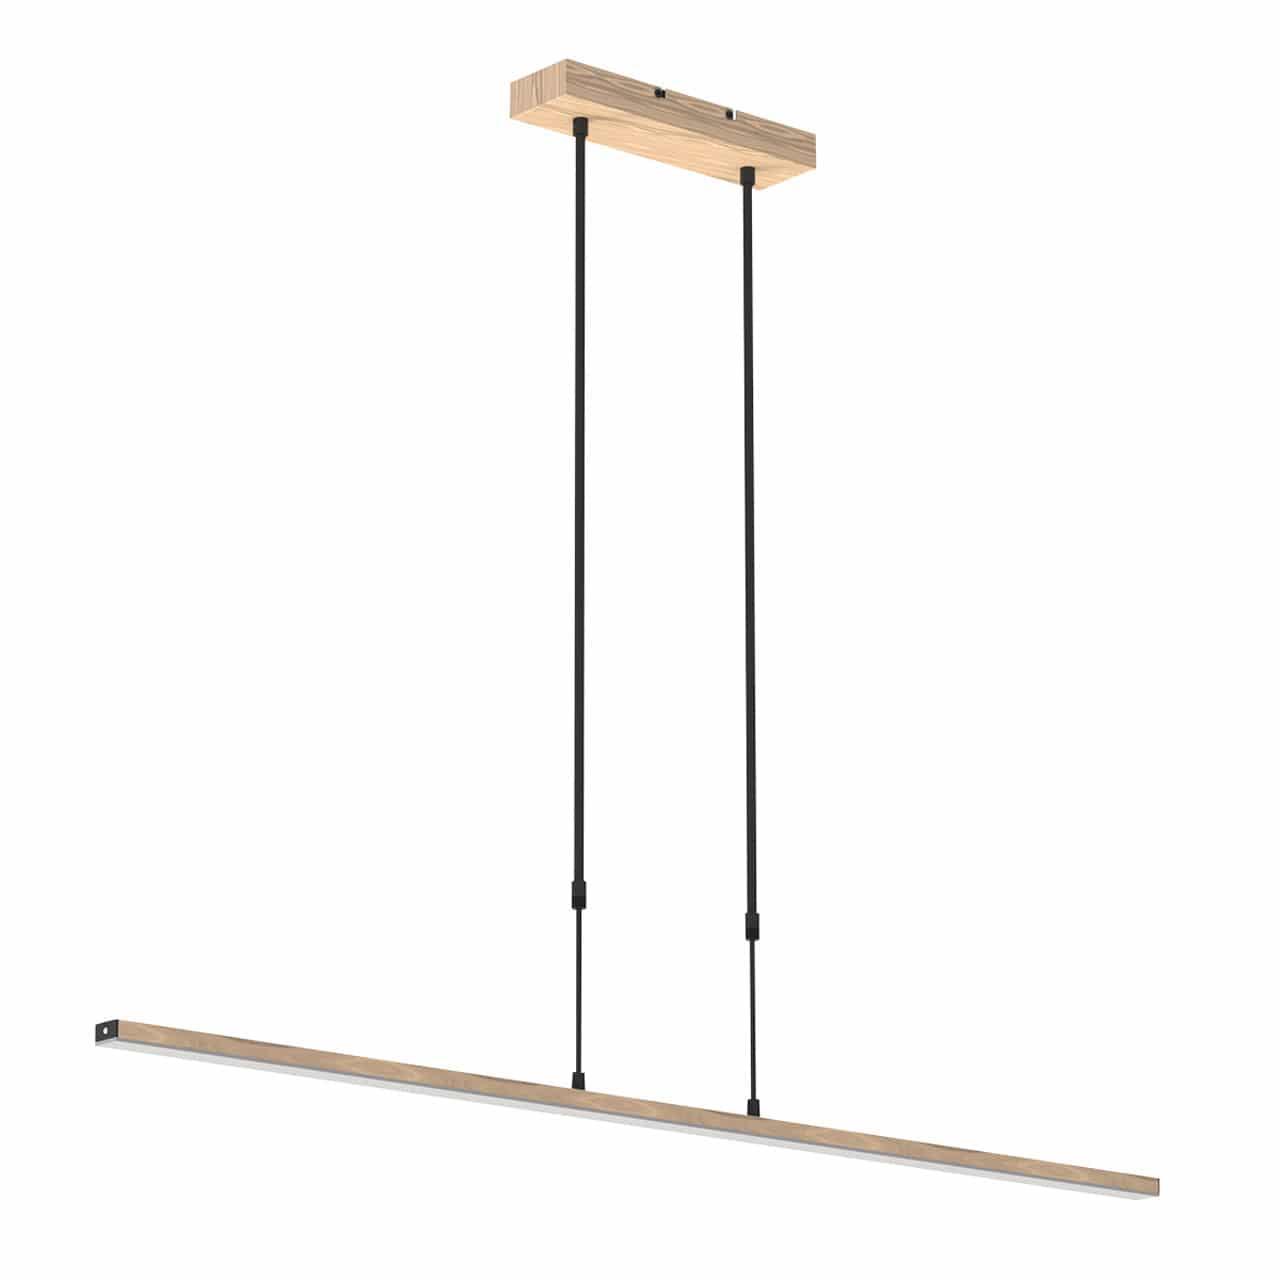 Hedendaags Moderne eettafellamp Zelena led design houtkleur - LampenConcurrent.nl HZ-19